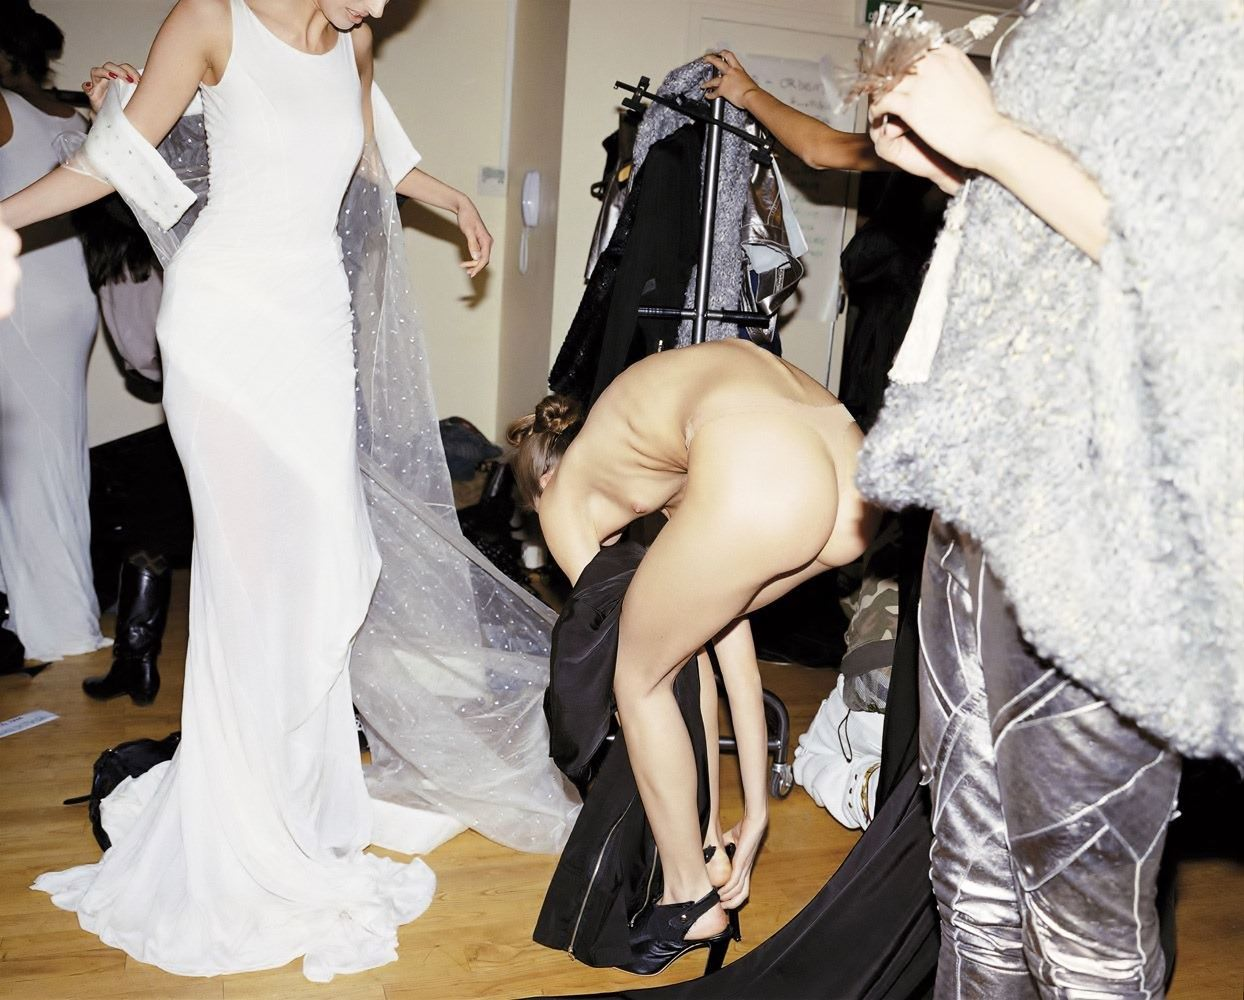 【巨乳あり】ファッションショーの裏側の様子をご覧くださいwwwwwwwwww(画像63枚)・35枚目